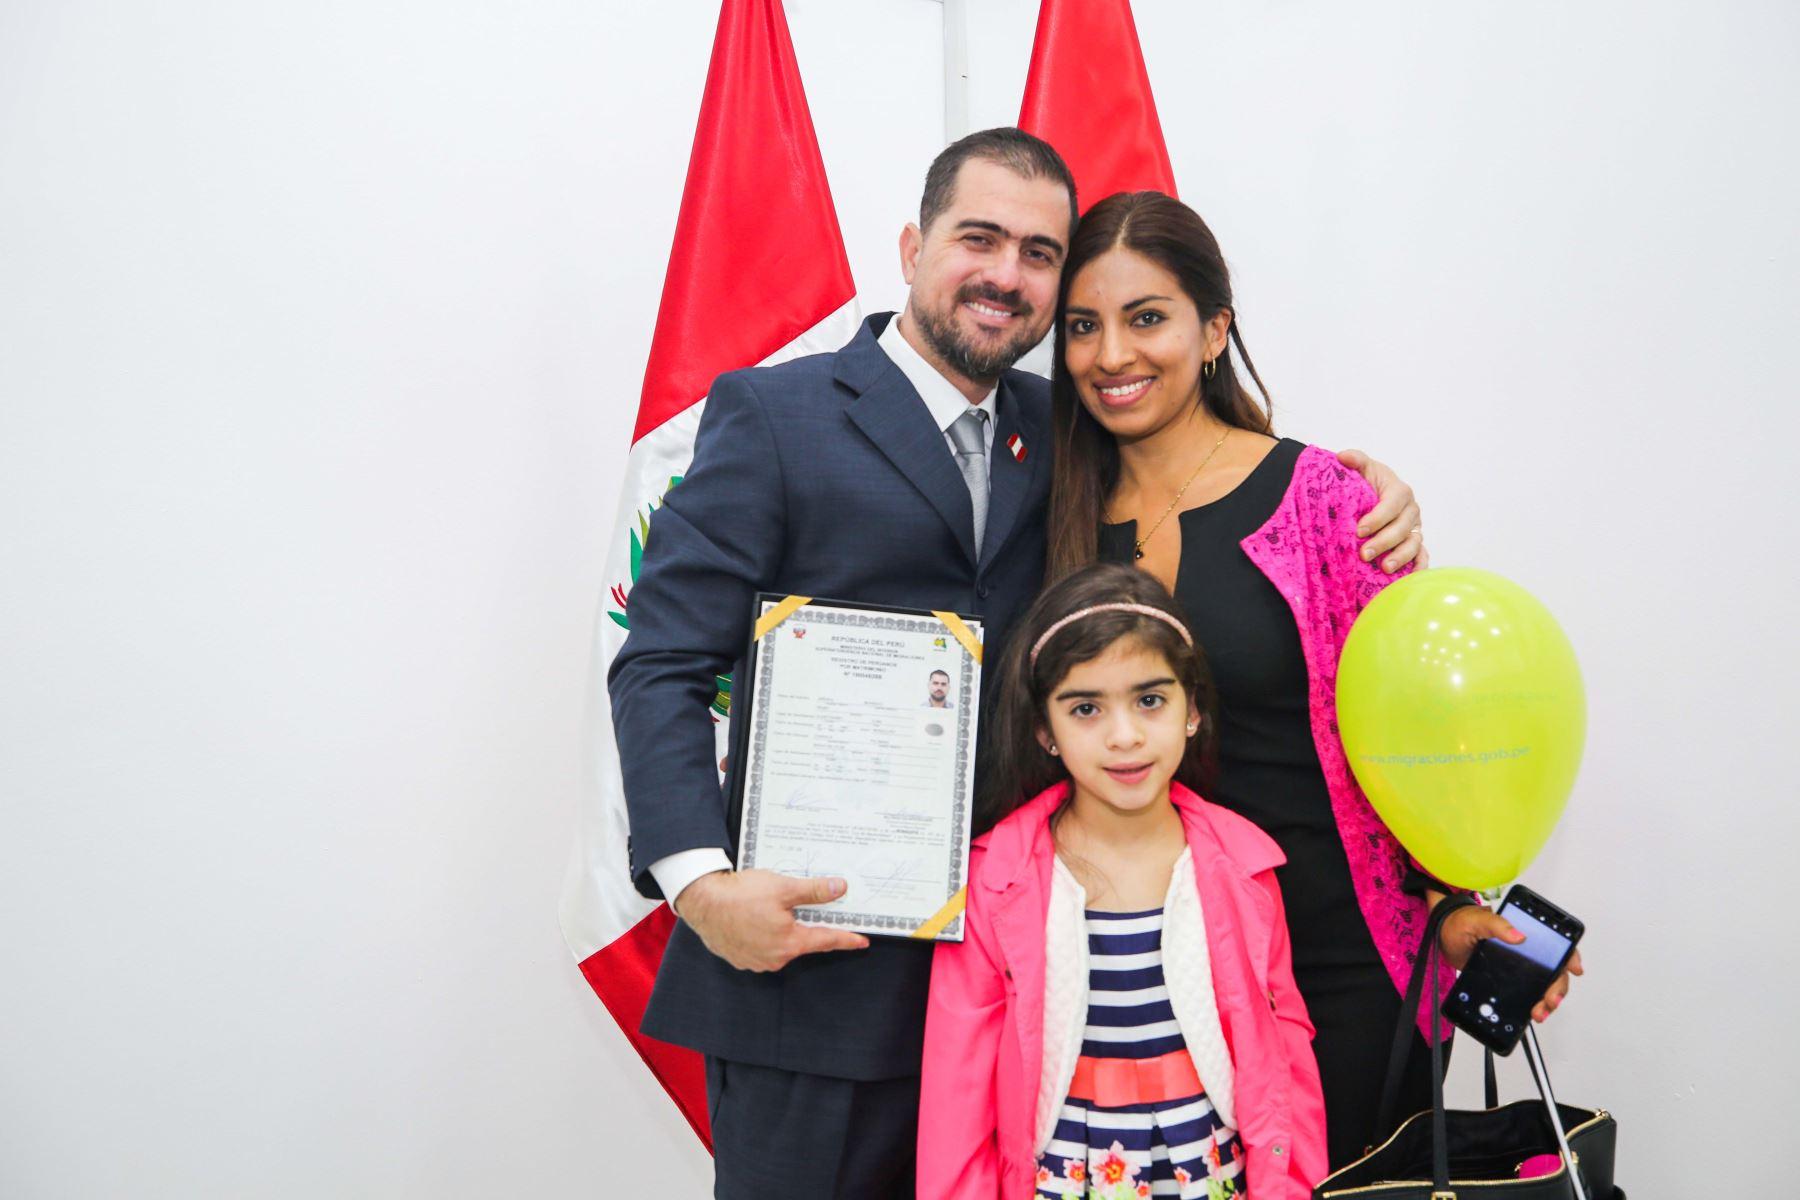 Un grupo de diecinueve ciudadanos nacidos en el extranjero, recibieron este jueves 23 de mayo su Título de Nacionalidad Peruana, en una emotiva ceremonia que se realizó en la sede de la Superintendencia Nacional de Migraciones.Foto: ANDINA/Difusión